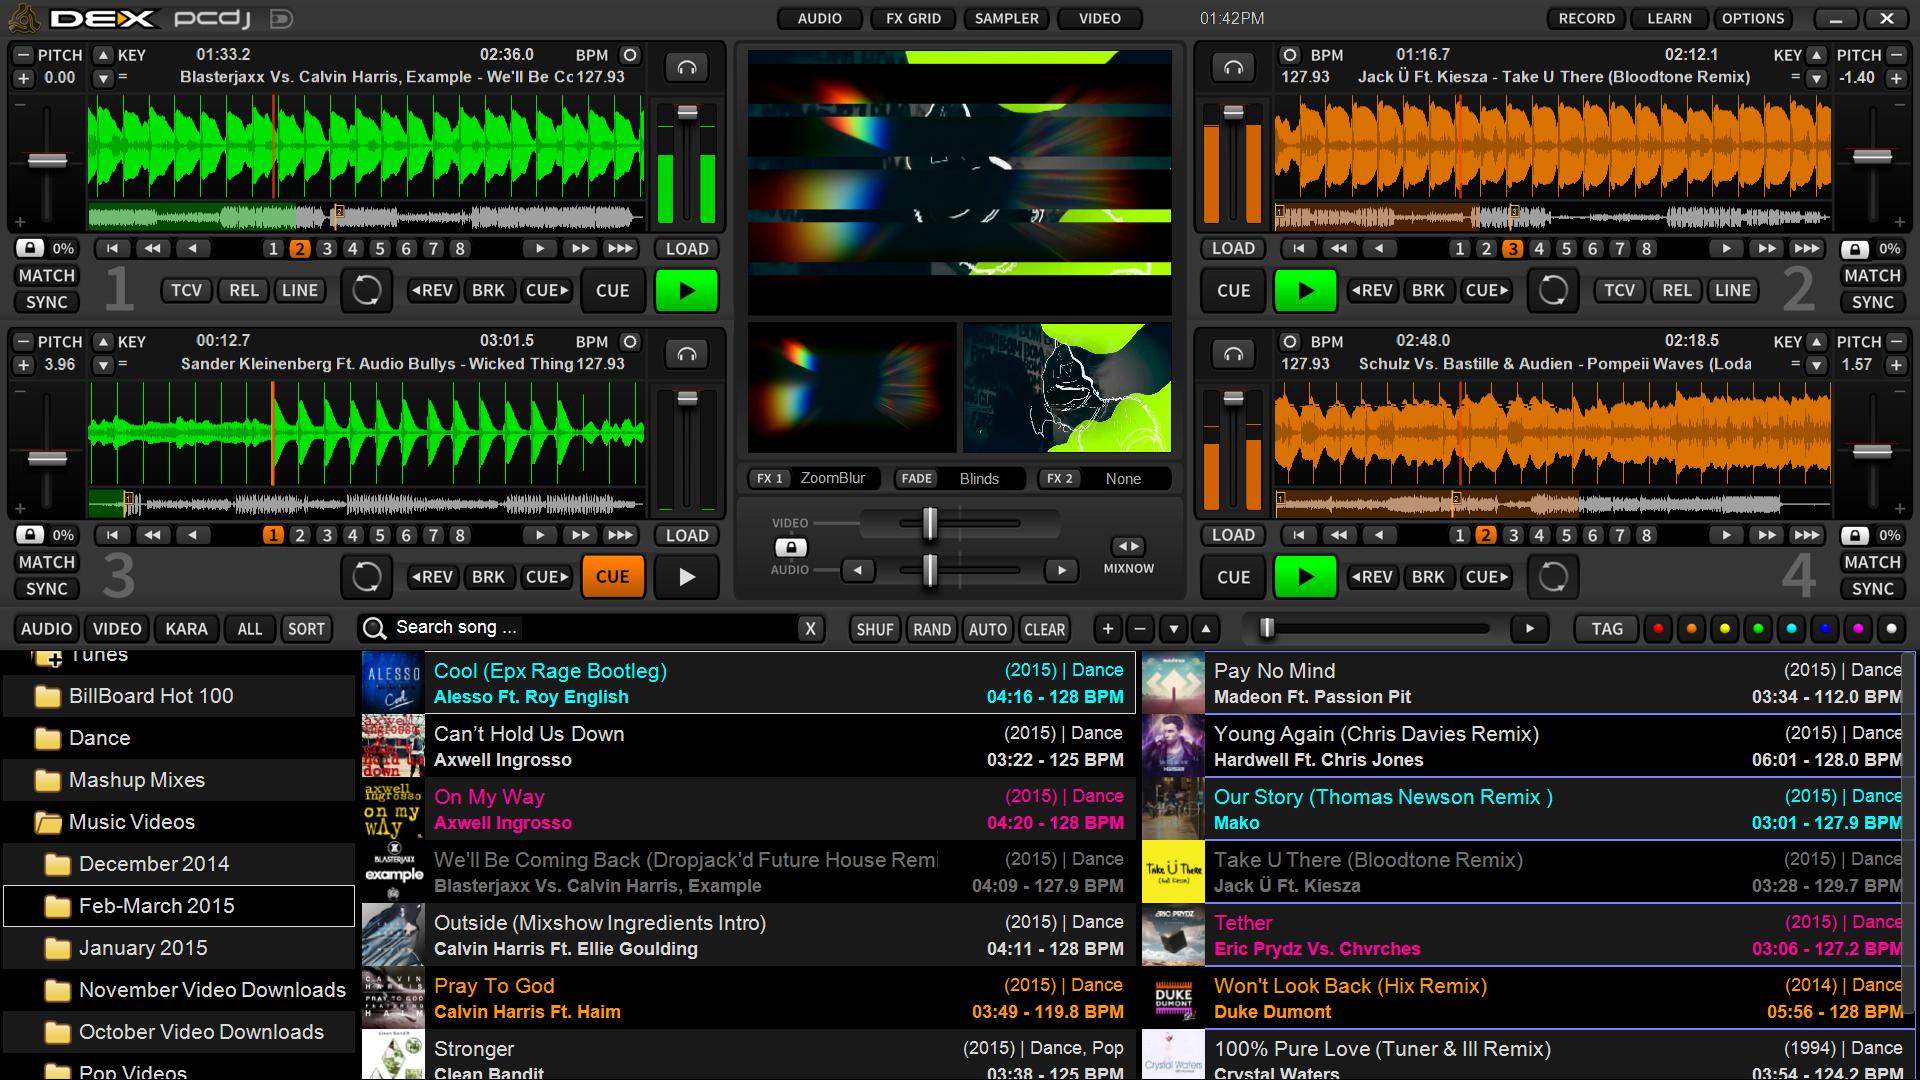 Virtual Mixer Software Dex Deckskin Video